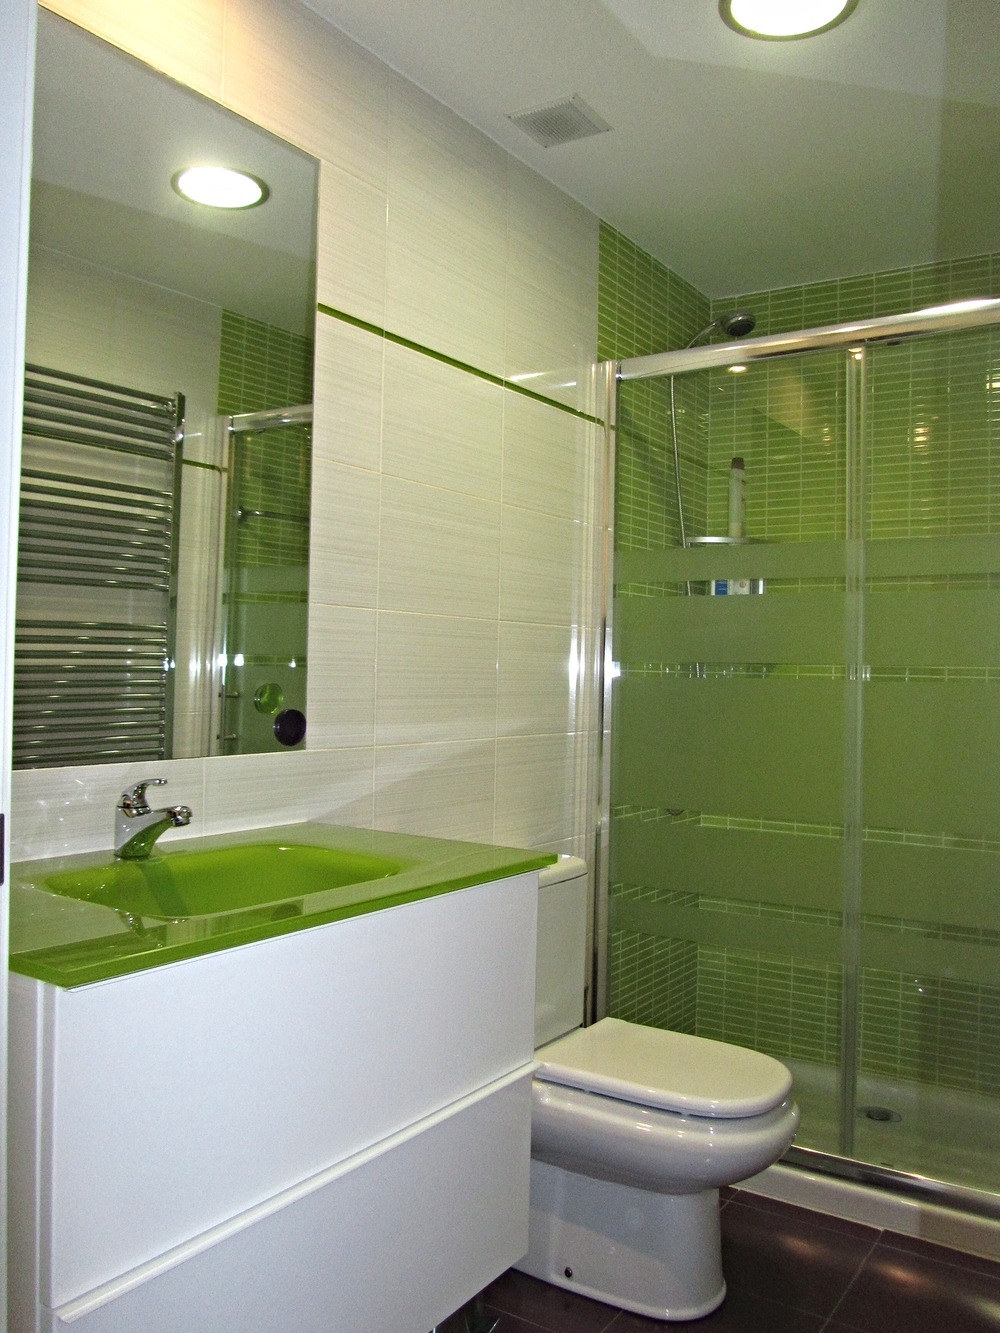 Baño de invitados (planta superior)